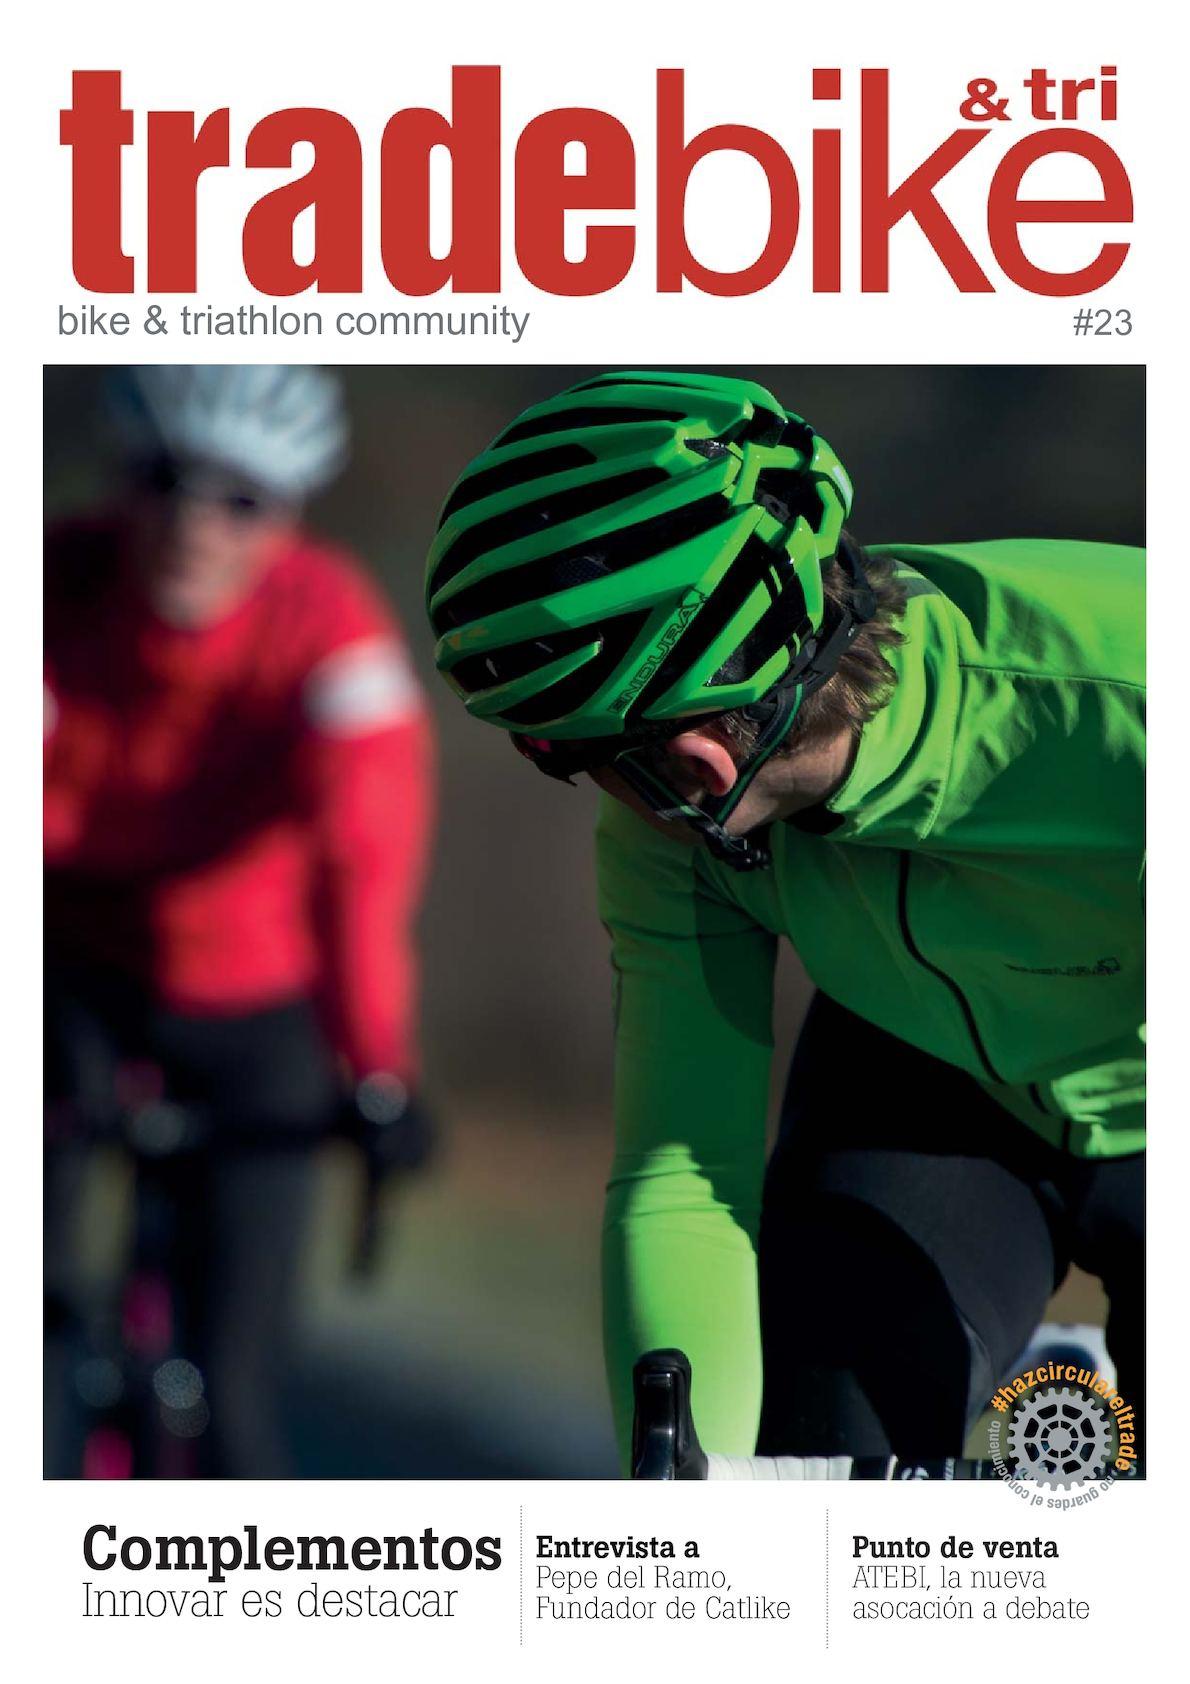 SANTINI Mayo CYCLING VEST Windproof YELLOW